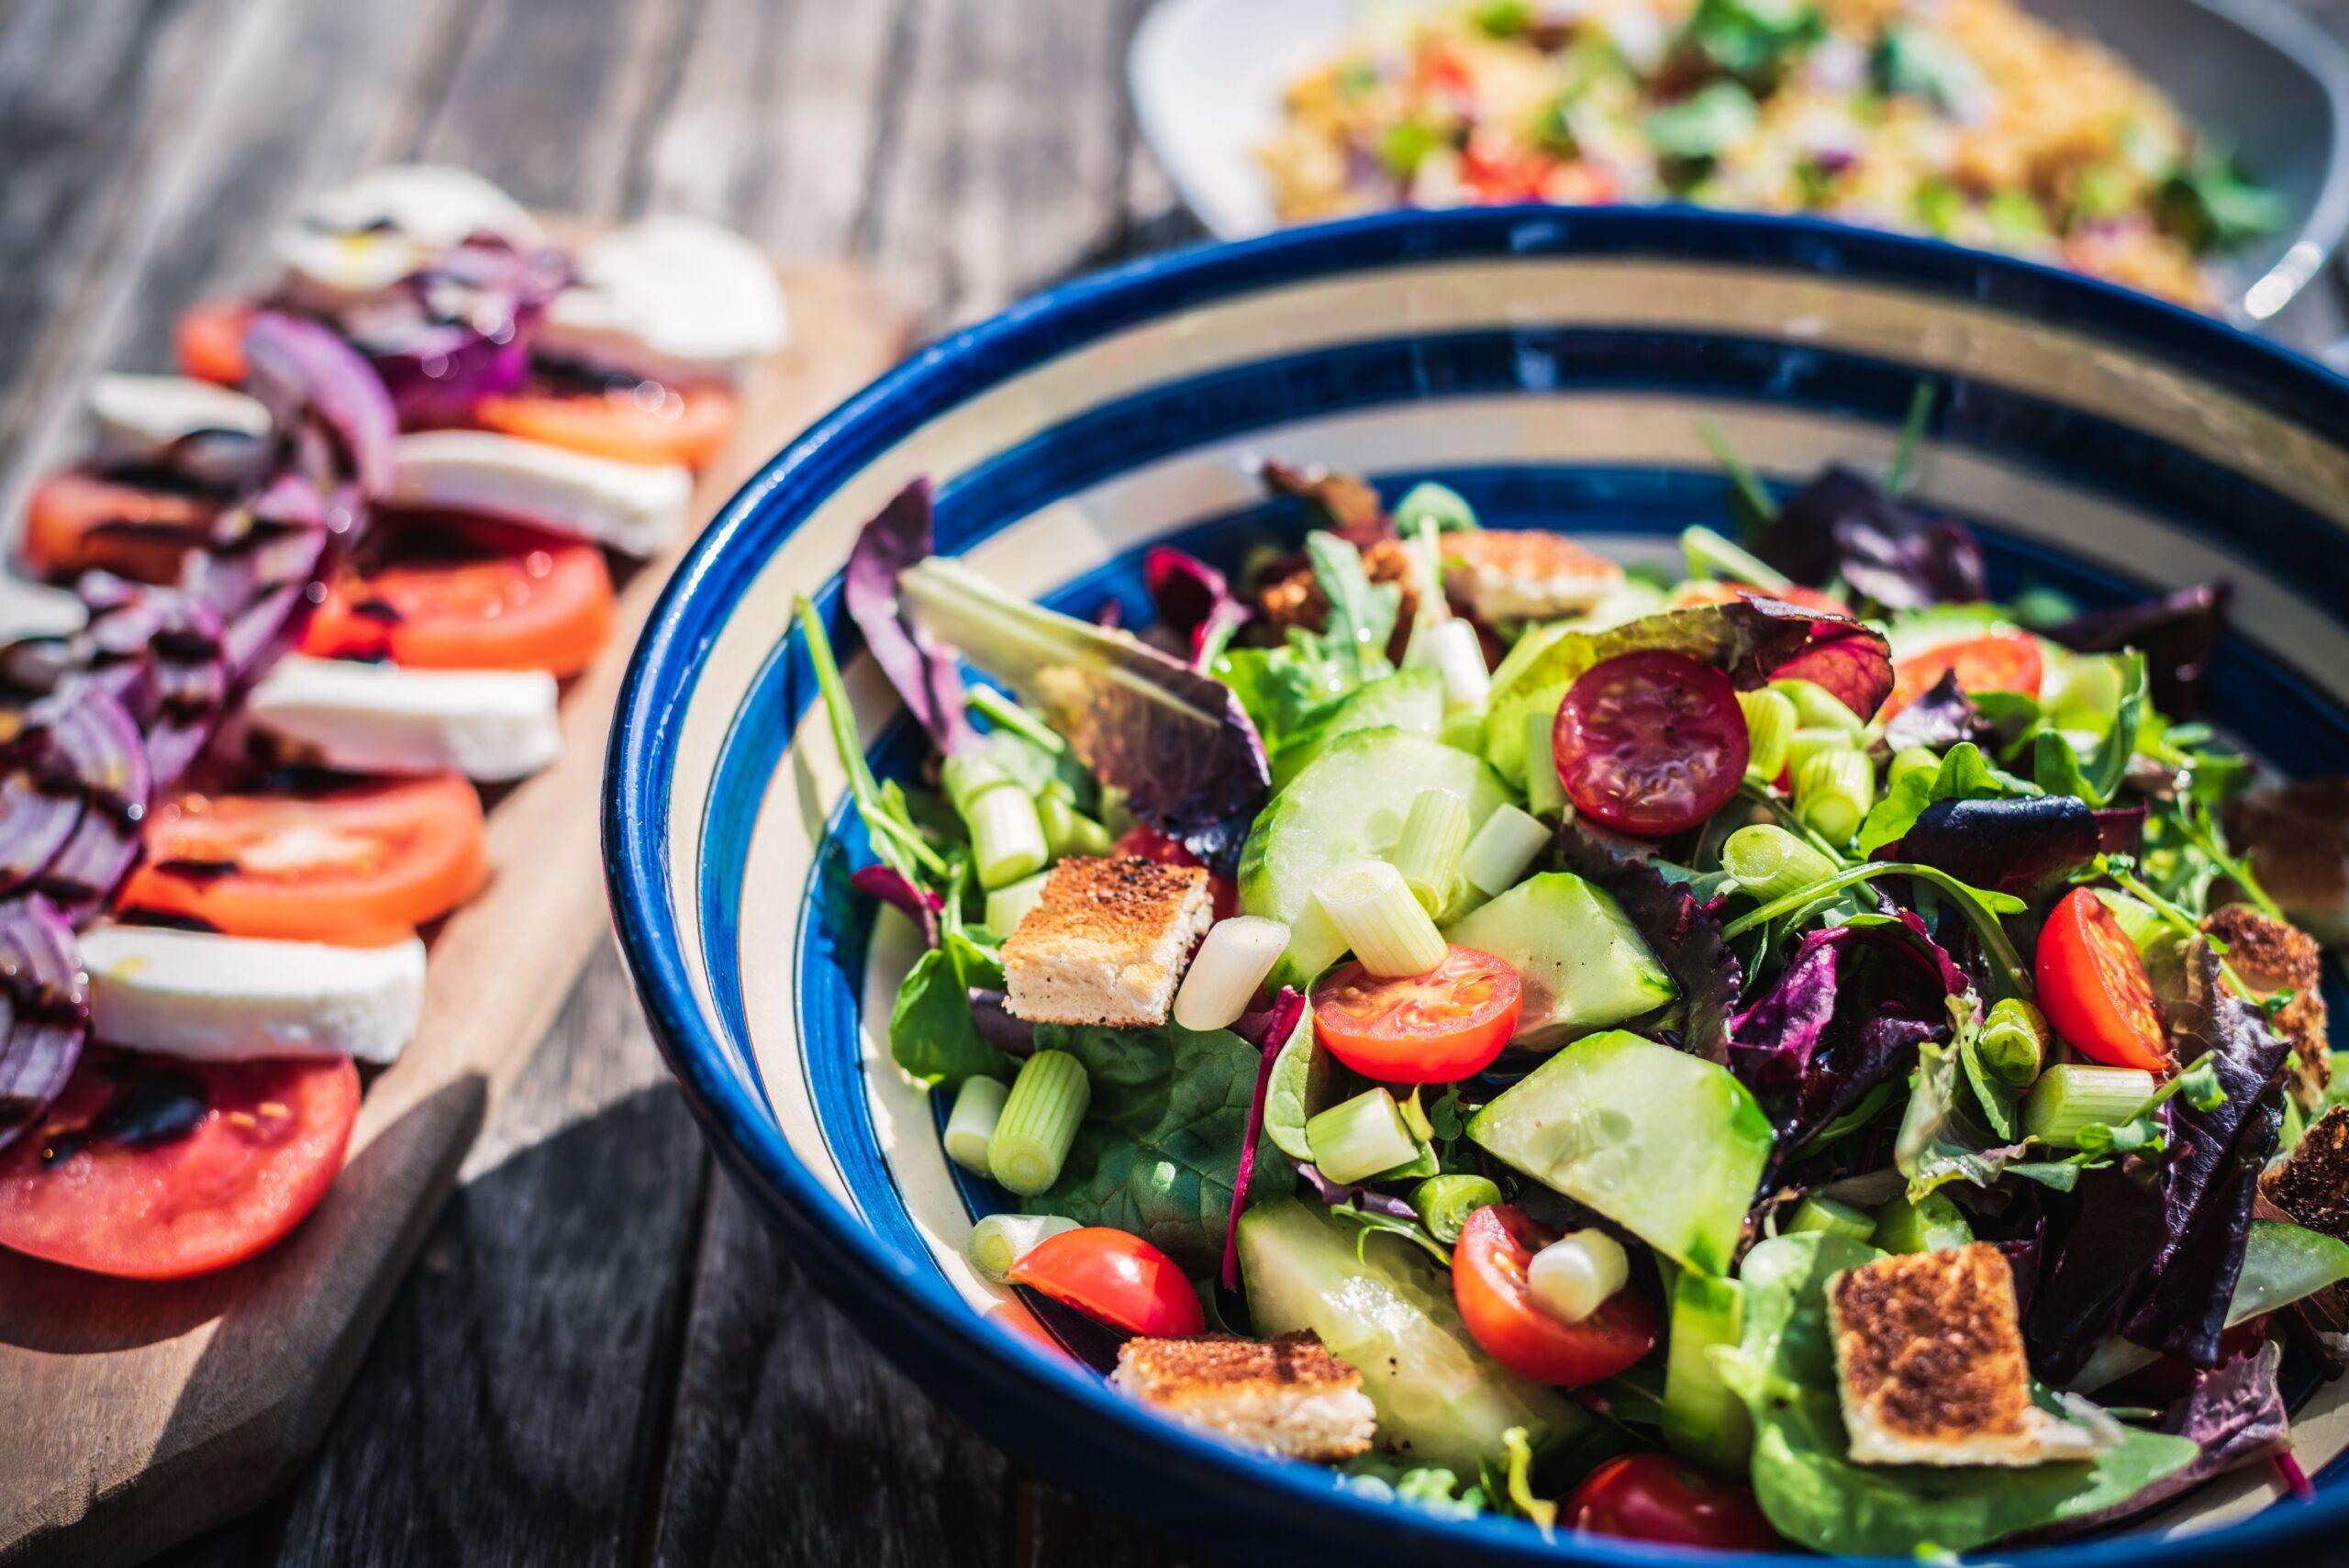 Dieta w łuszczycy - zasady i przykładowy jadłospis